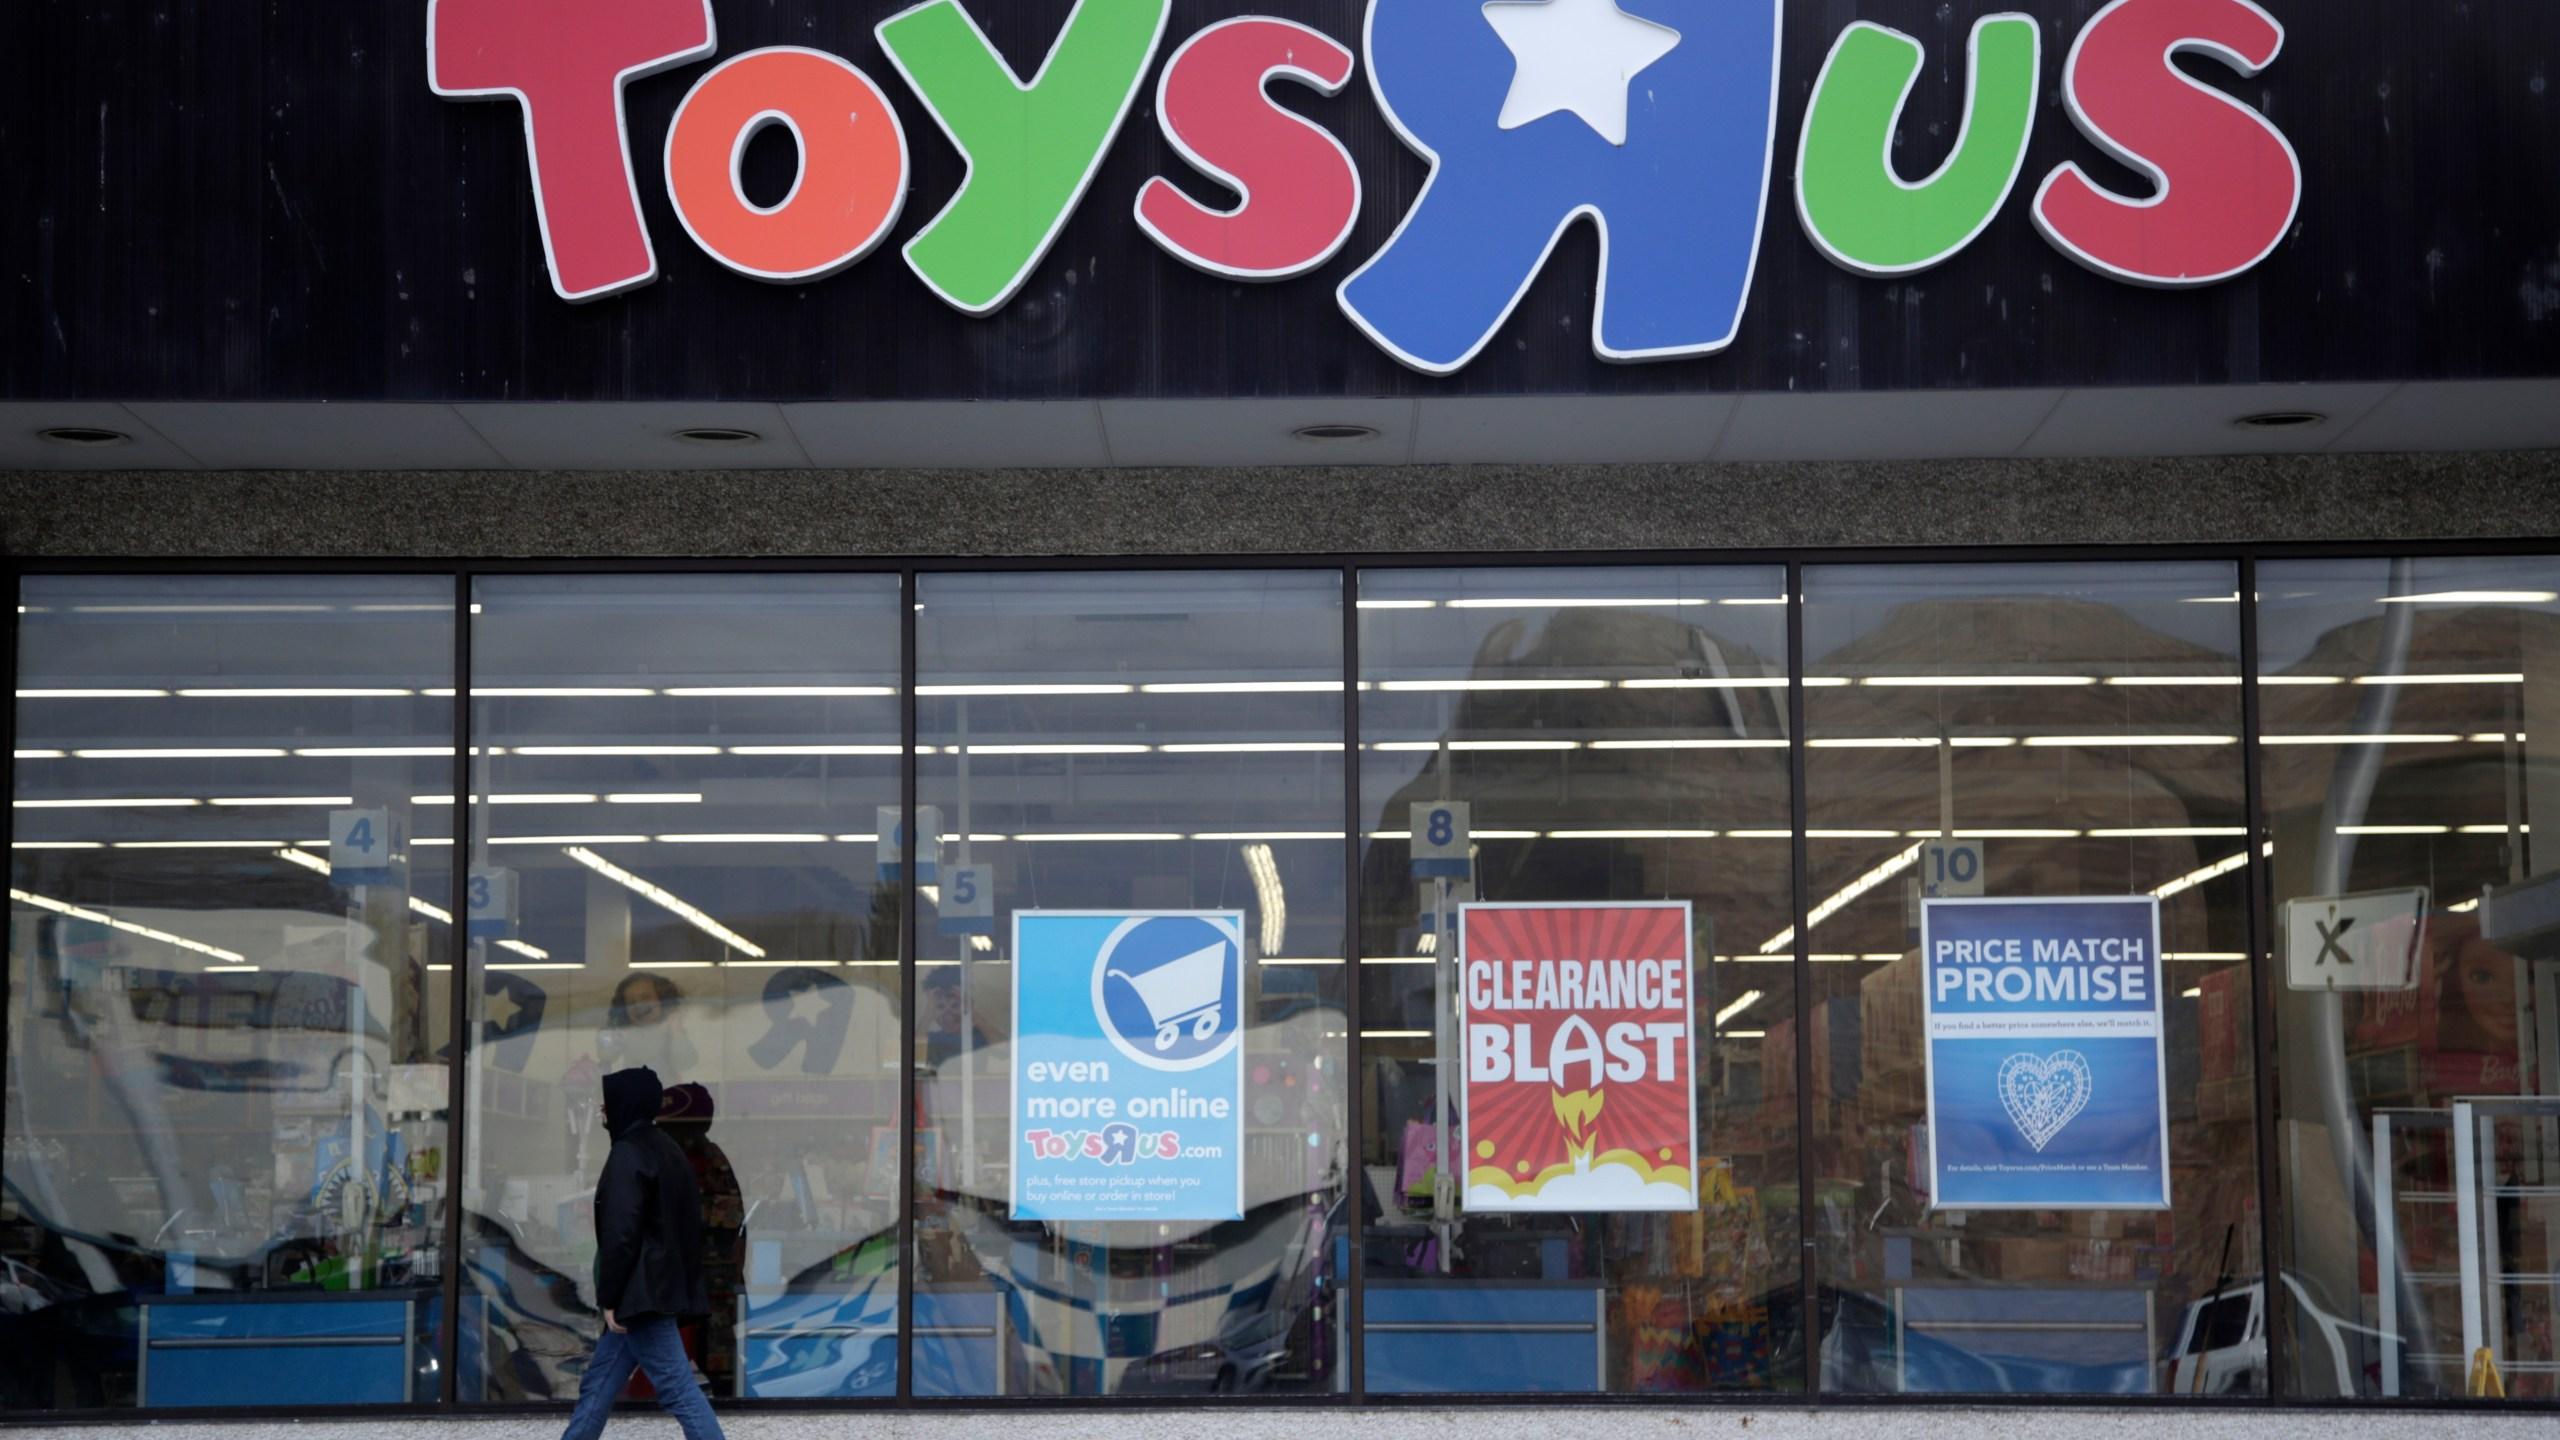 Toys_R_Us-Liquidation_28297-159532-159532.jpg14313451